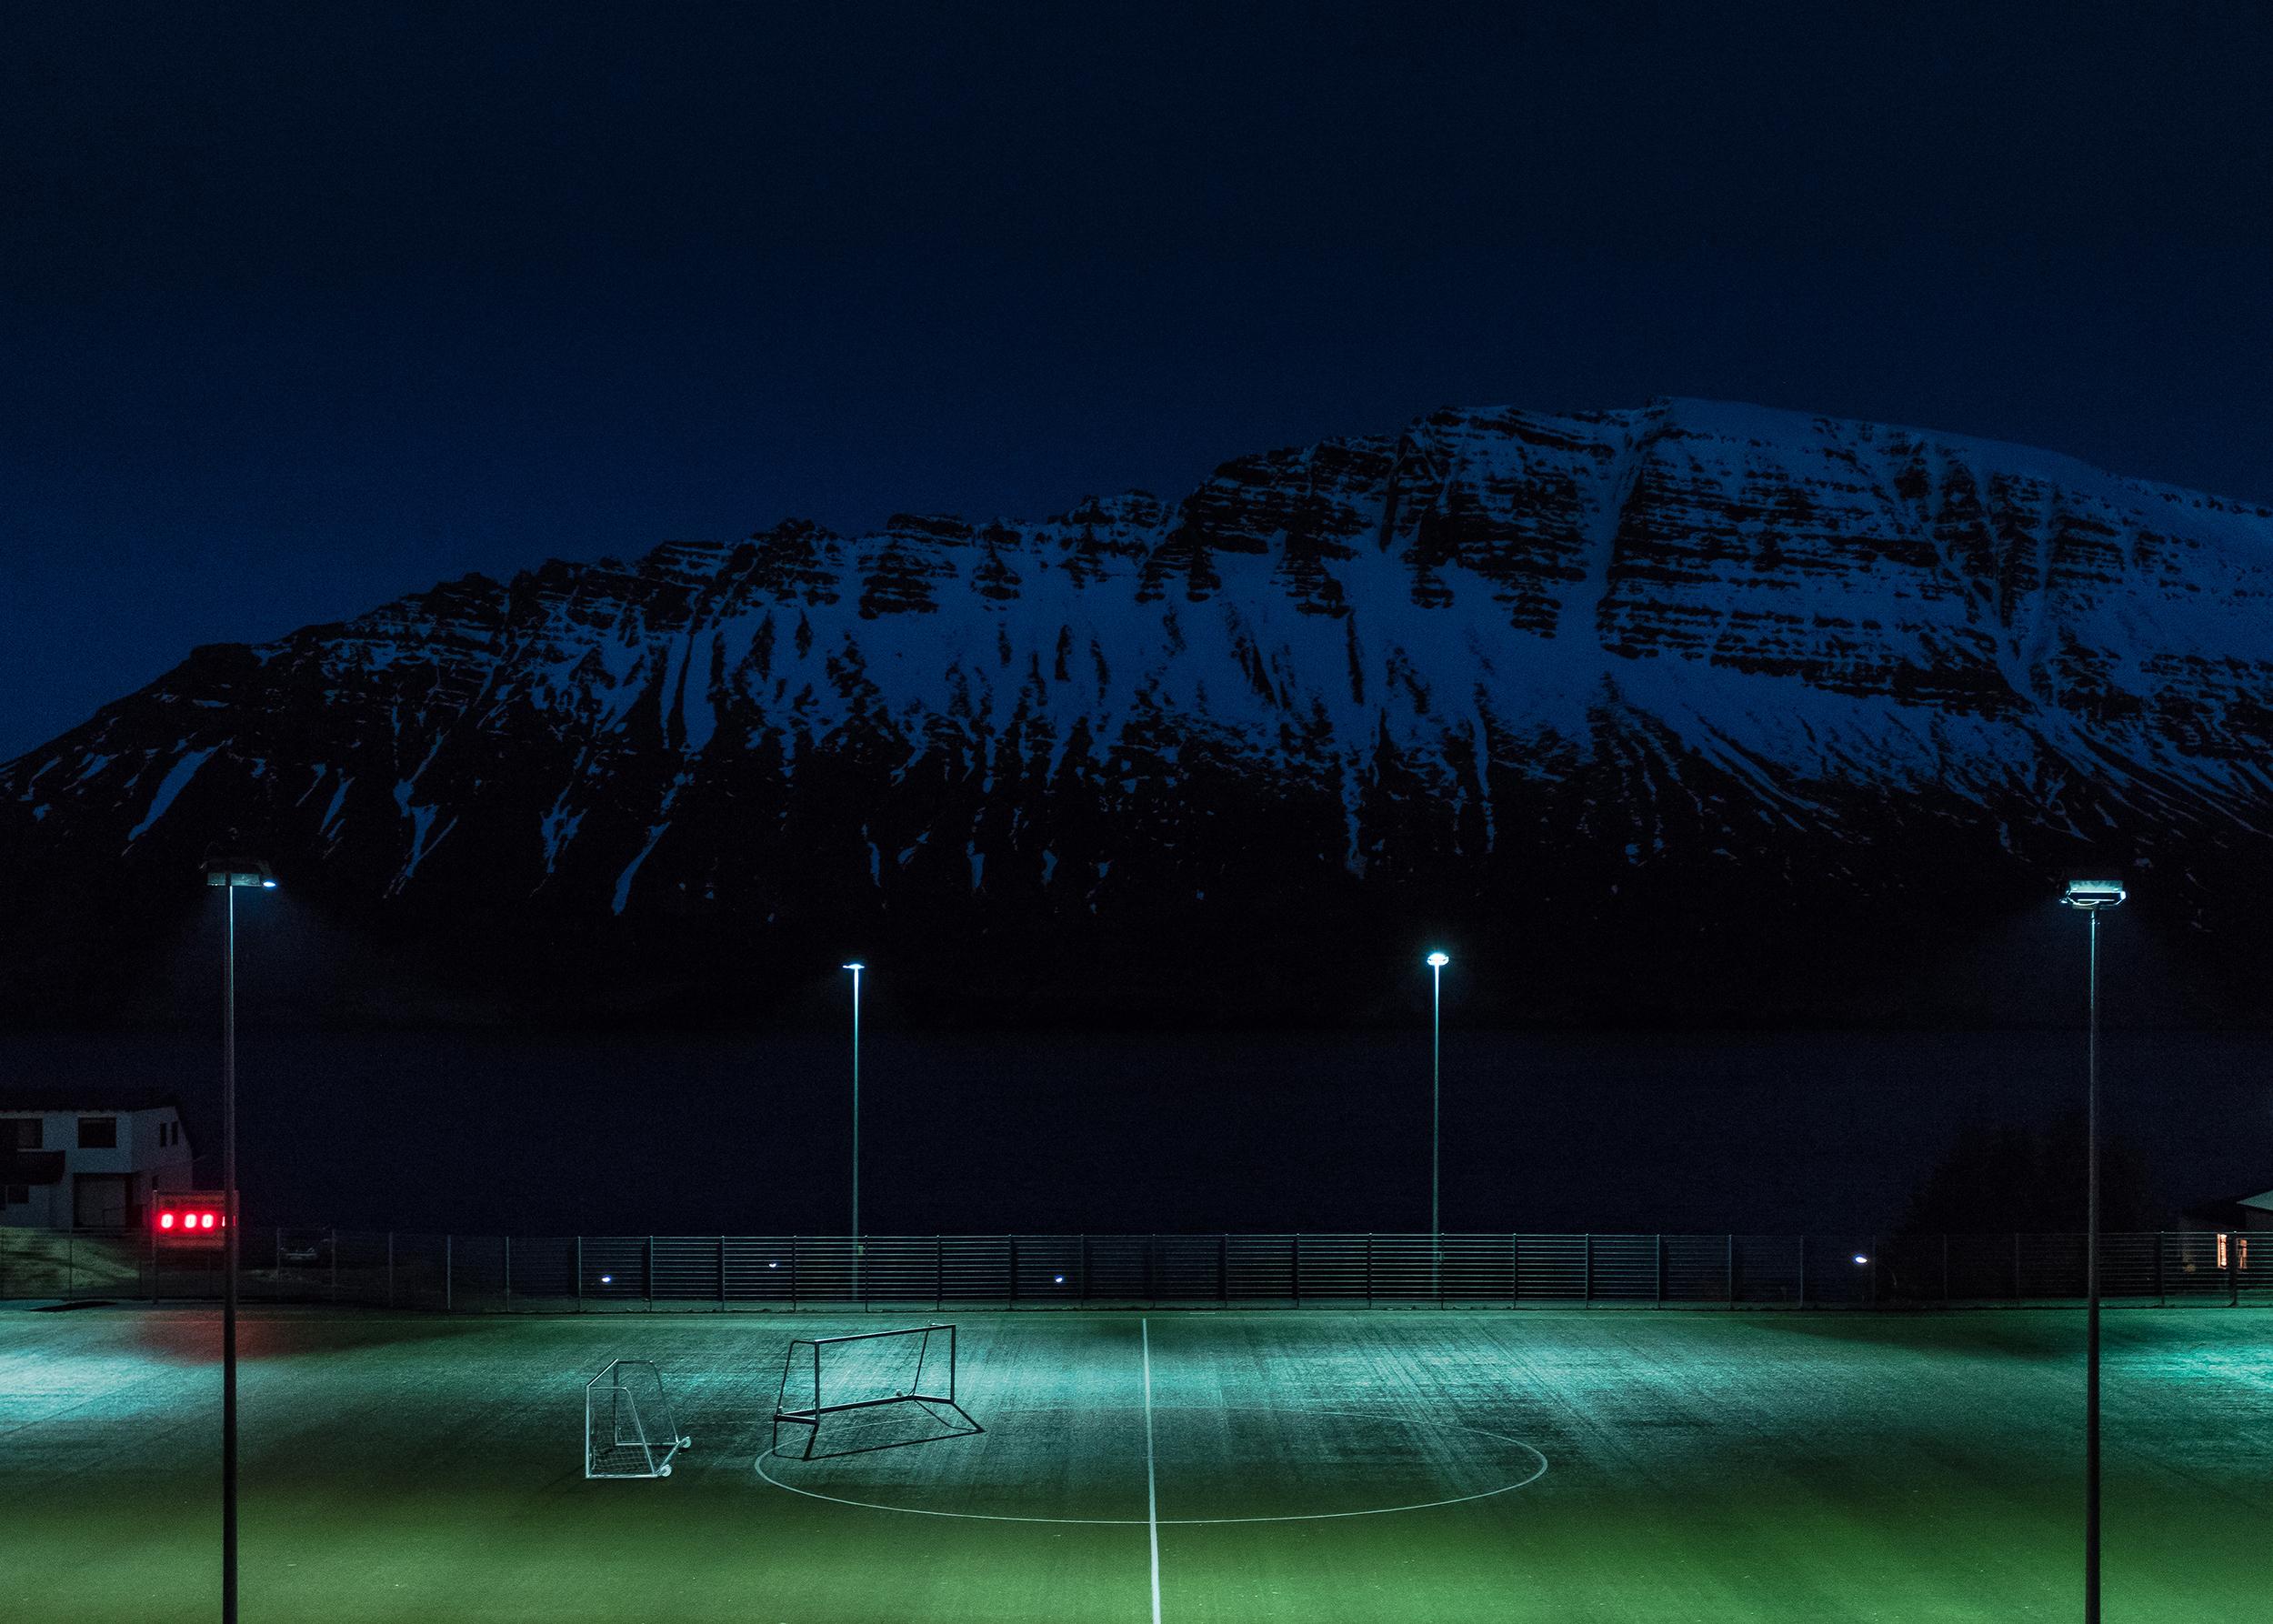 78488 descargar fondo de pantalla Deportes, Noche, Patio De Recreo, Plataforma, Césped, Campo De Fútbol: protectores de pantalla e imágenes gratis